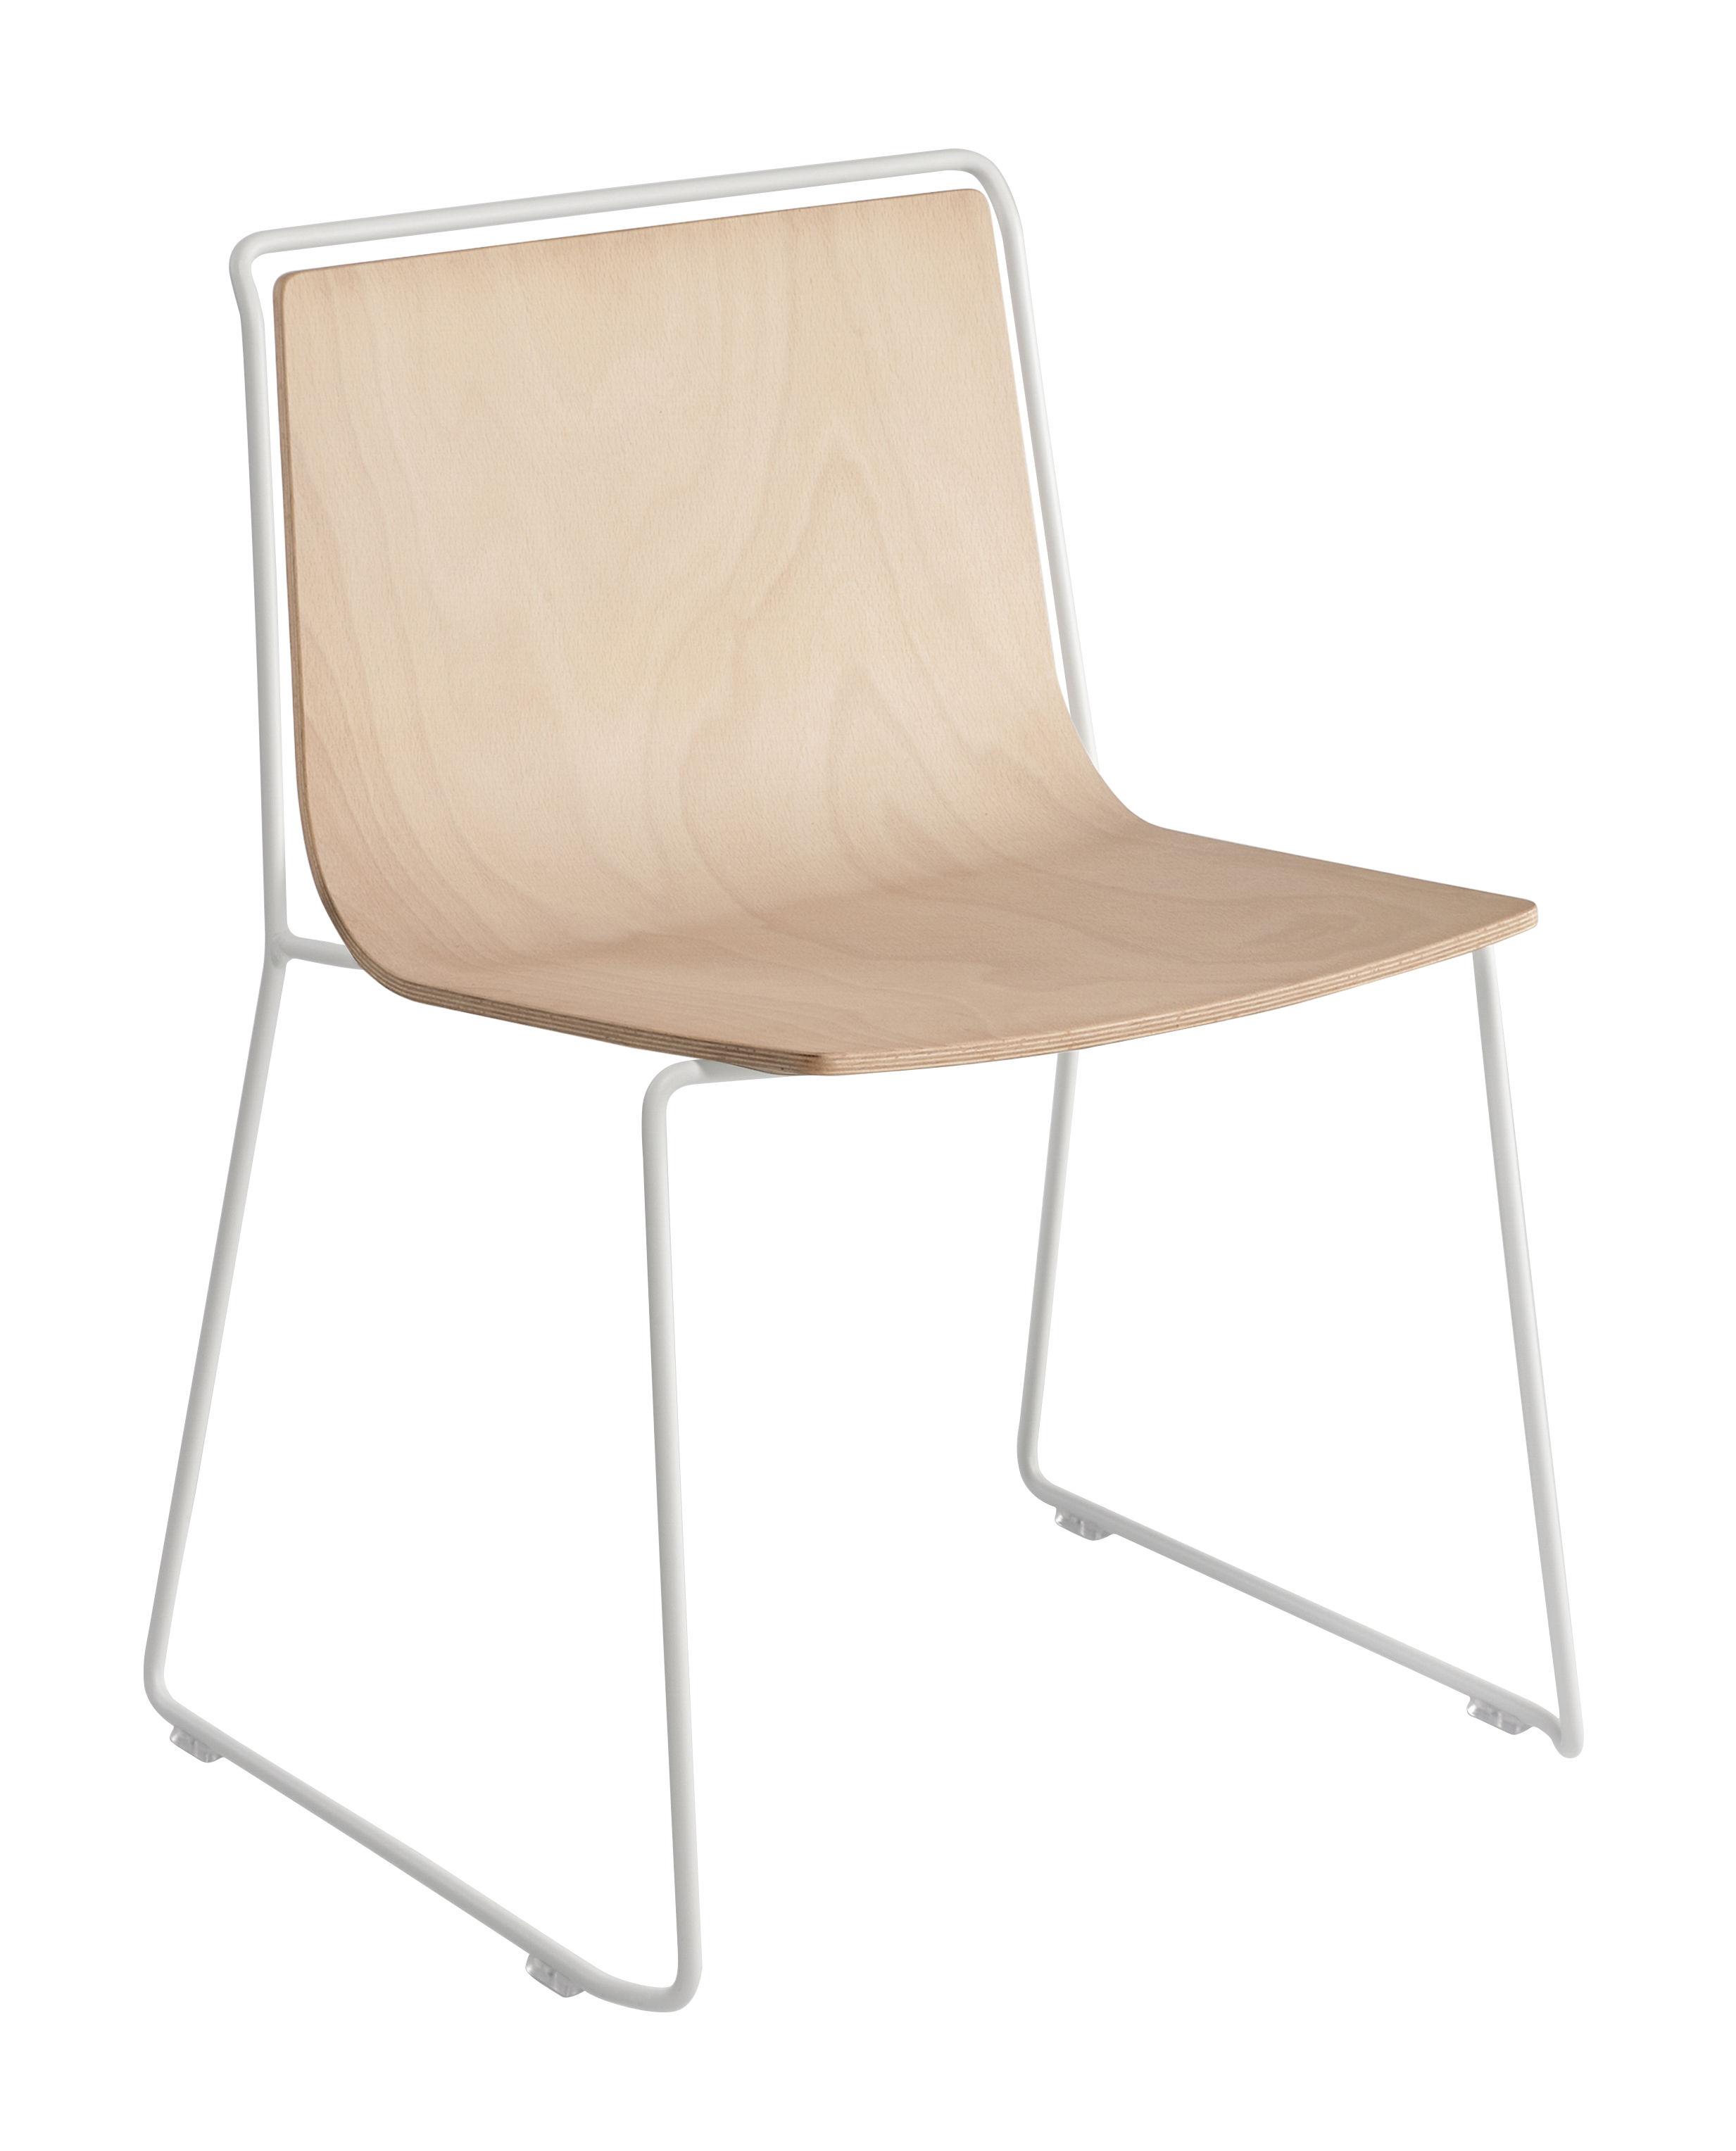 chaise alo coque stratifi bois structure blanche ondarreta. Black Bedroom Furniture Sets. Home Design Ideas